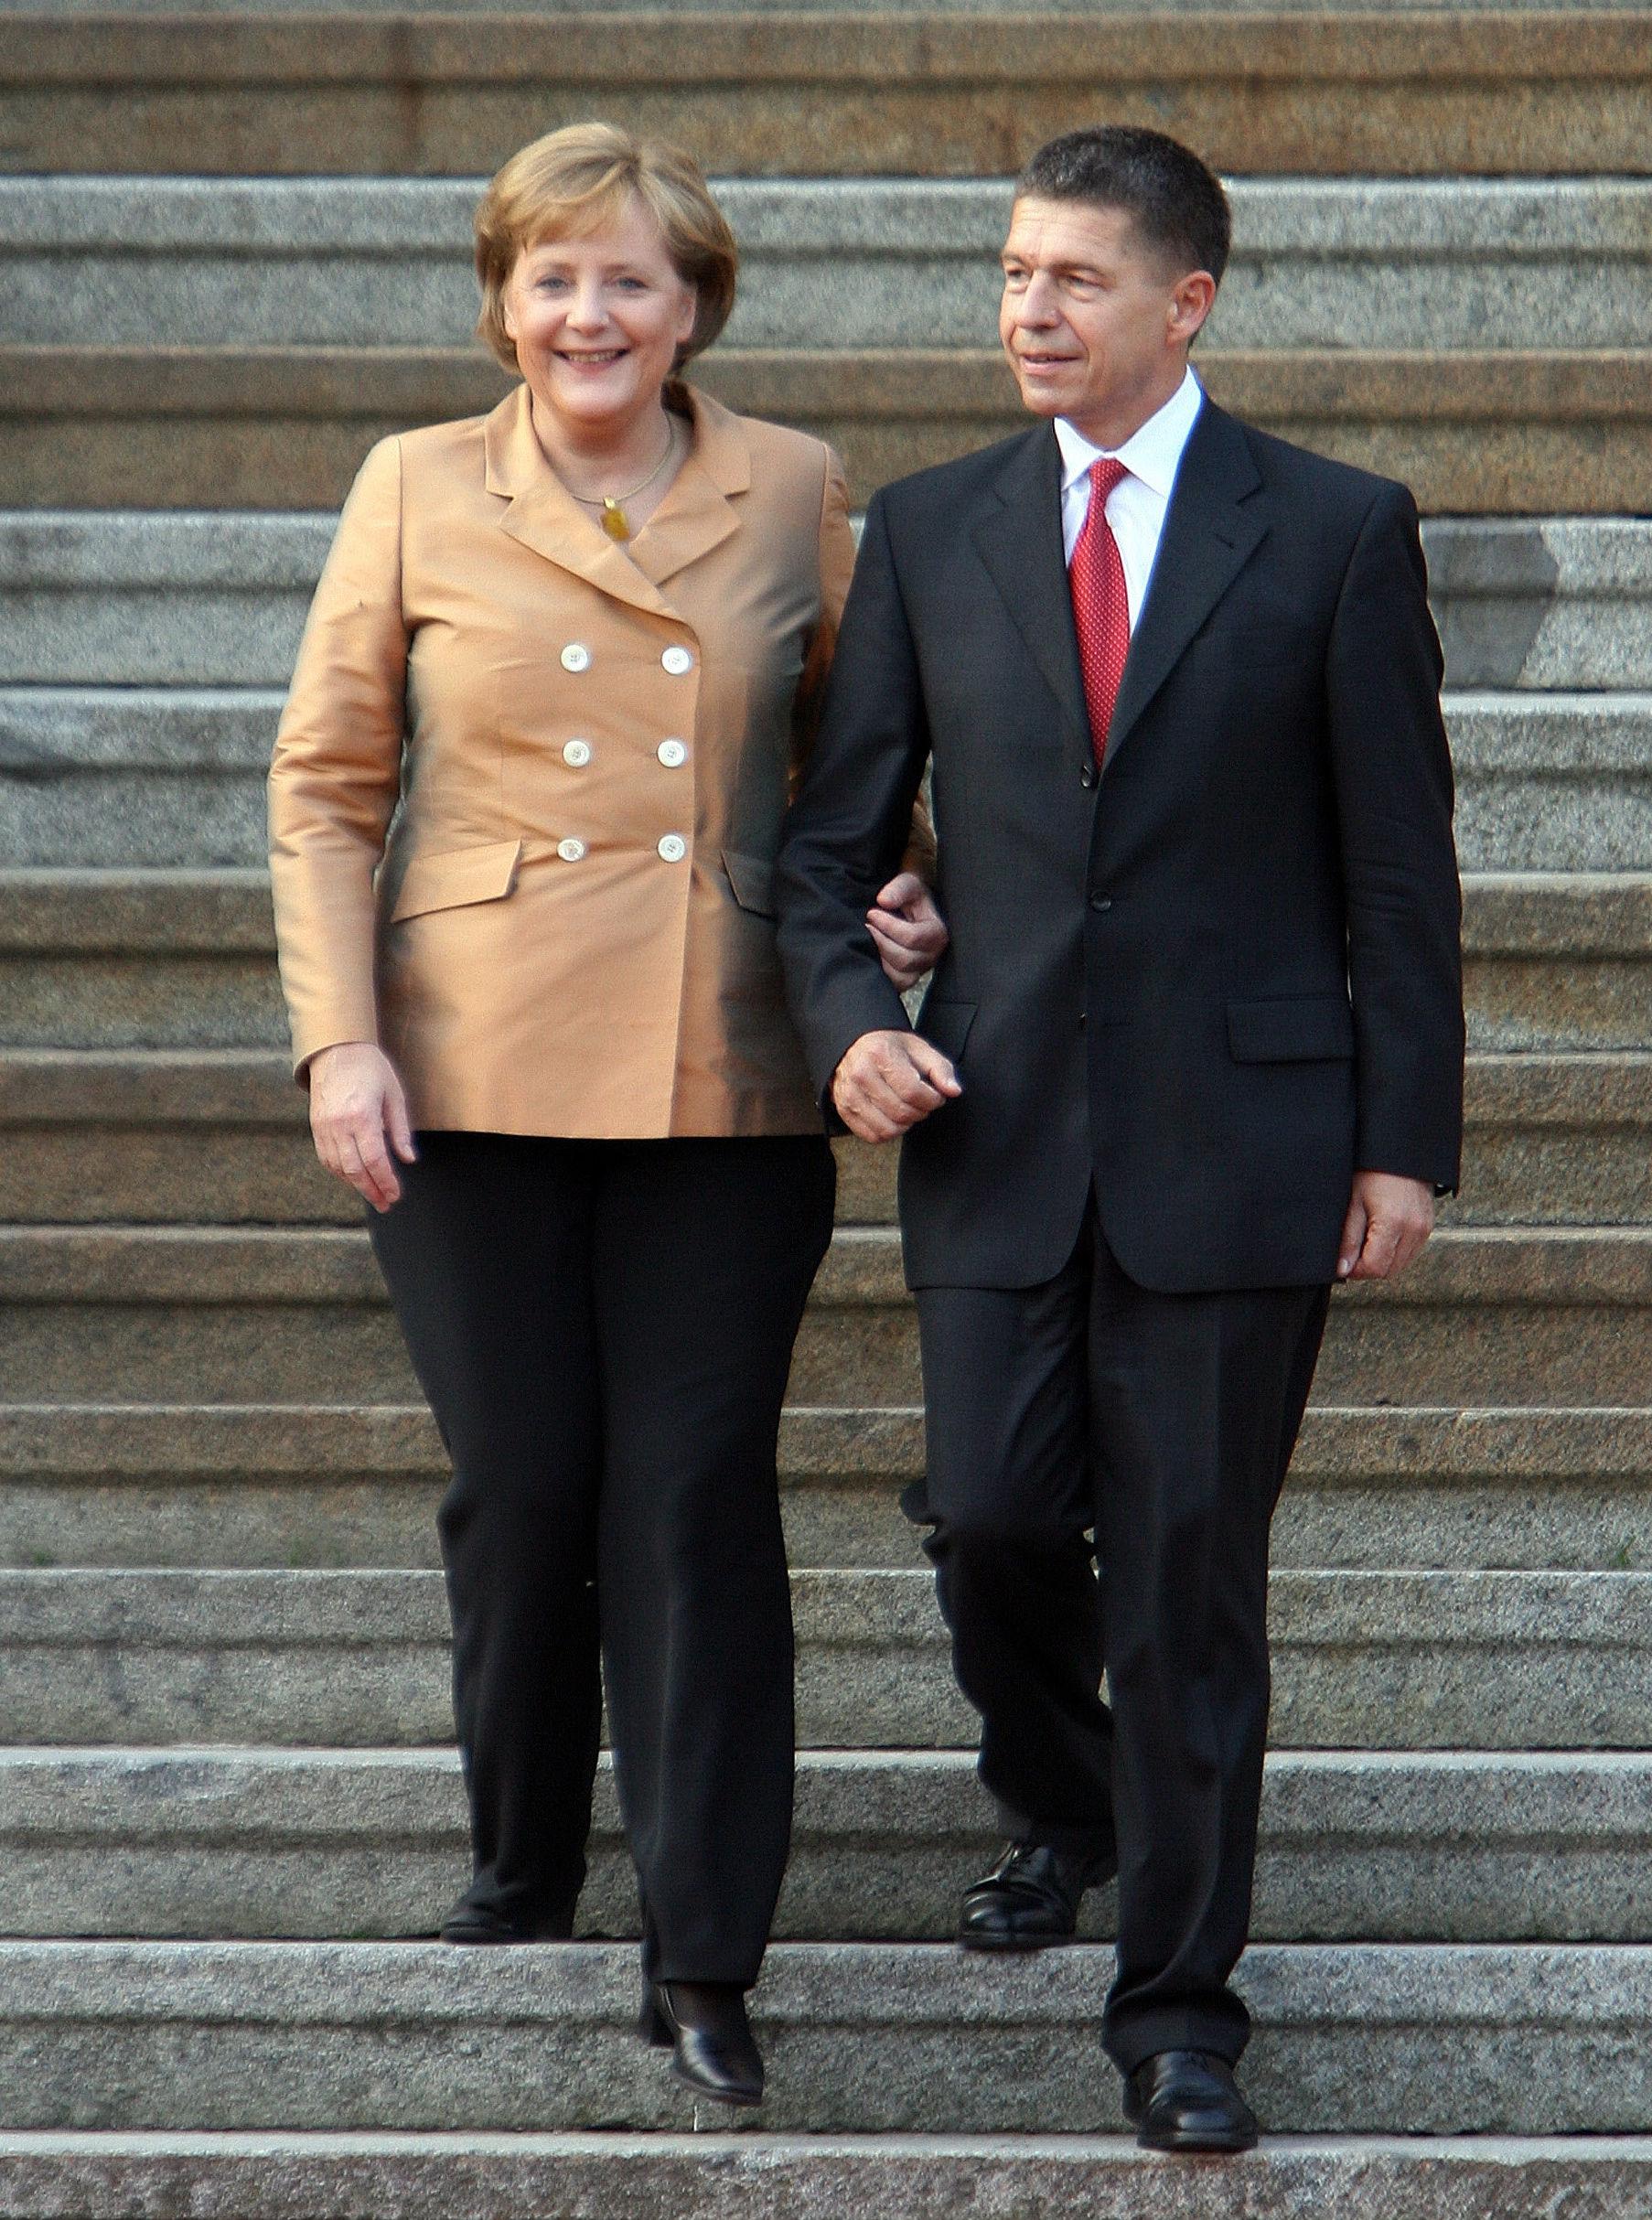 Канцлер Германии Ангела Меркель и ее муж Йоахим Зауэр спускаются по лестнице, чтобы приветствовать лидеров саммита G8 на неофициальном банкете, организованной Меркель во время встречи на высшем уровне G8 в Хоэне Лукове. 06 июня 2007 года